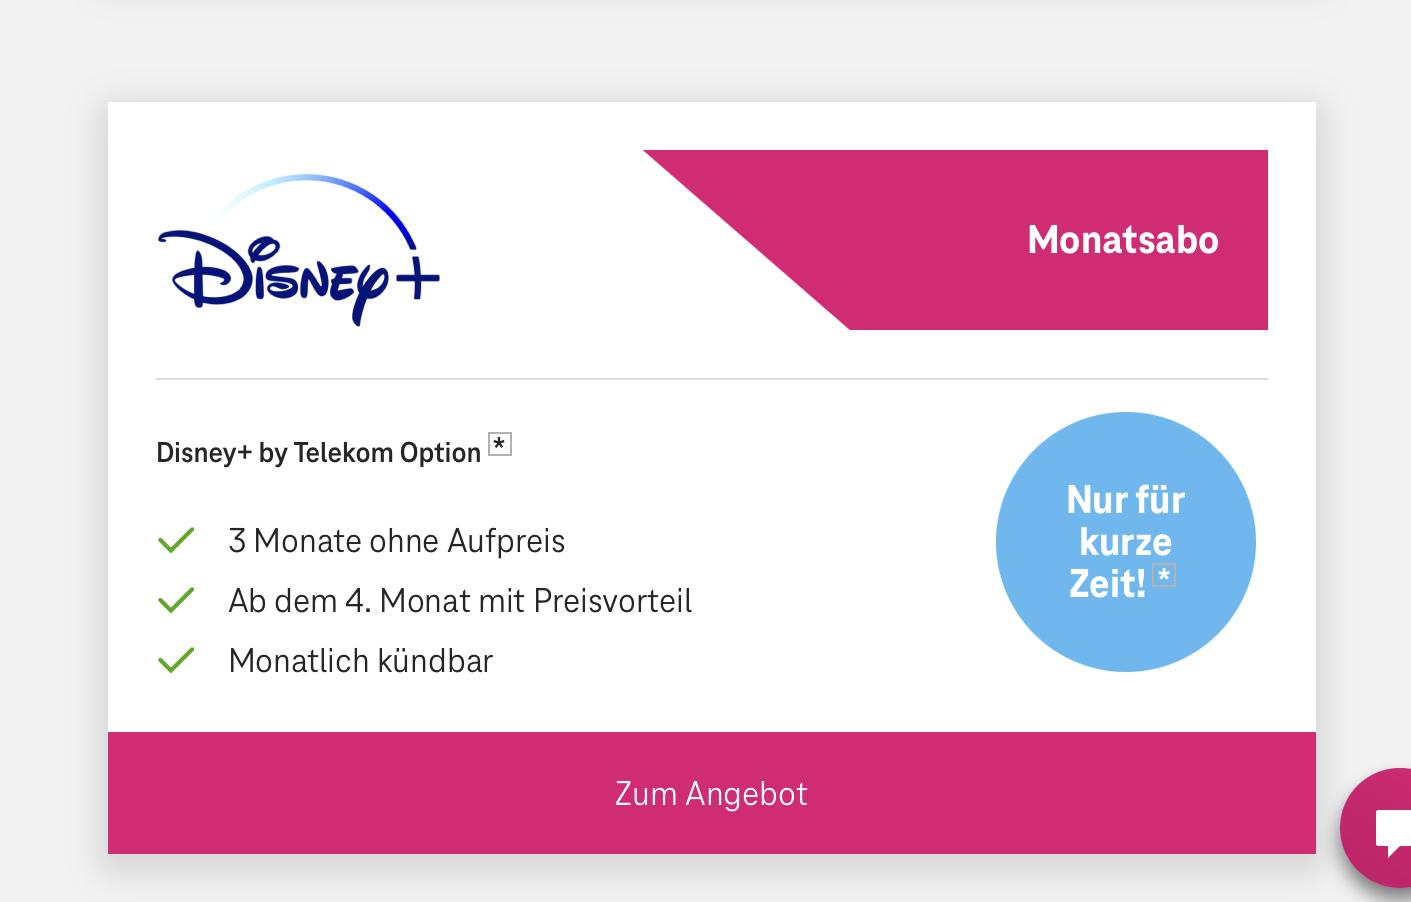 [Telekom Magenta Mobil Kunden] Disney+ kostenlos für 3 Monate, danach Umstieg auf 12 Monats Abo für 60 Euro möglich